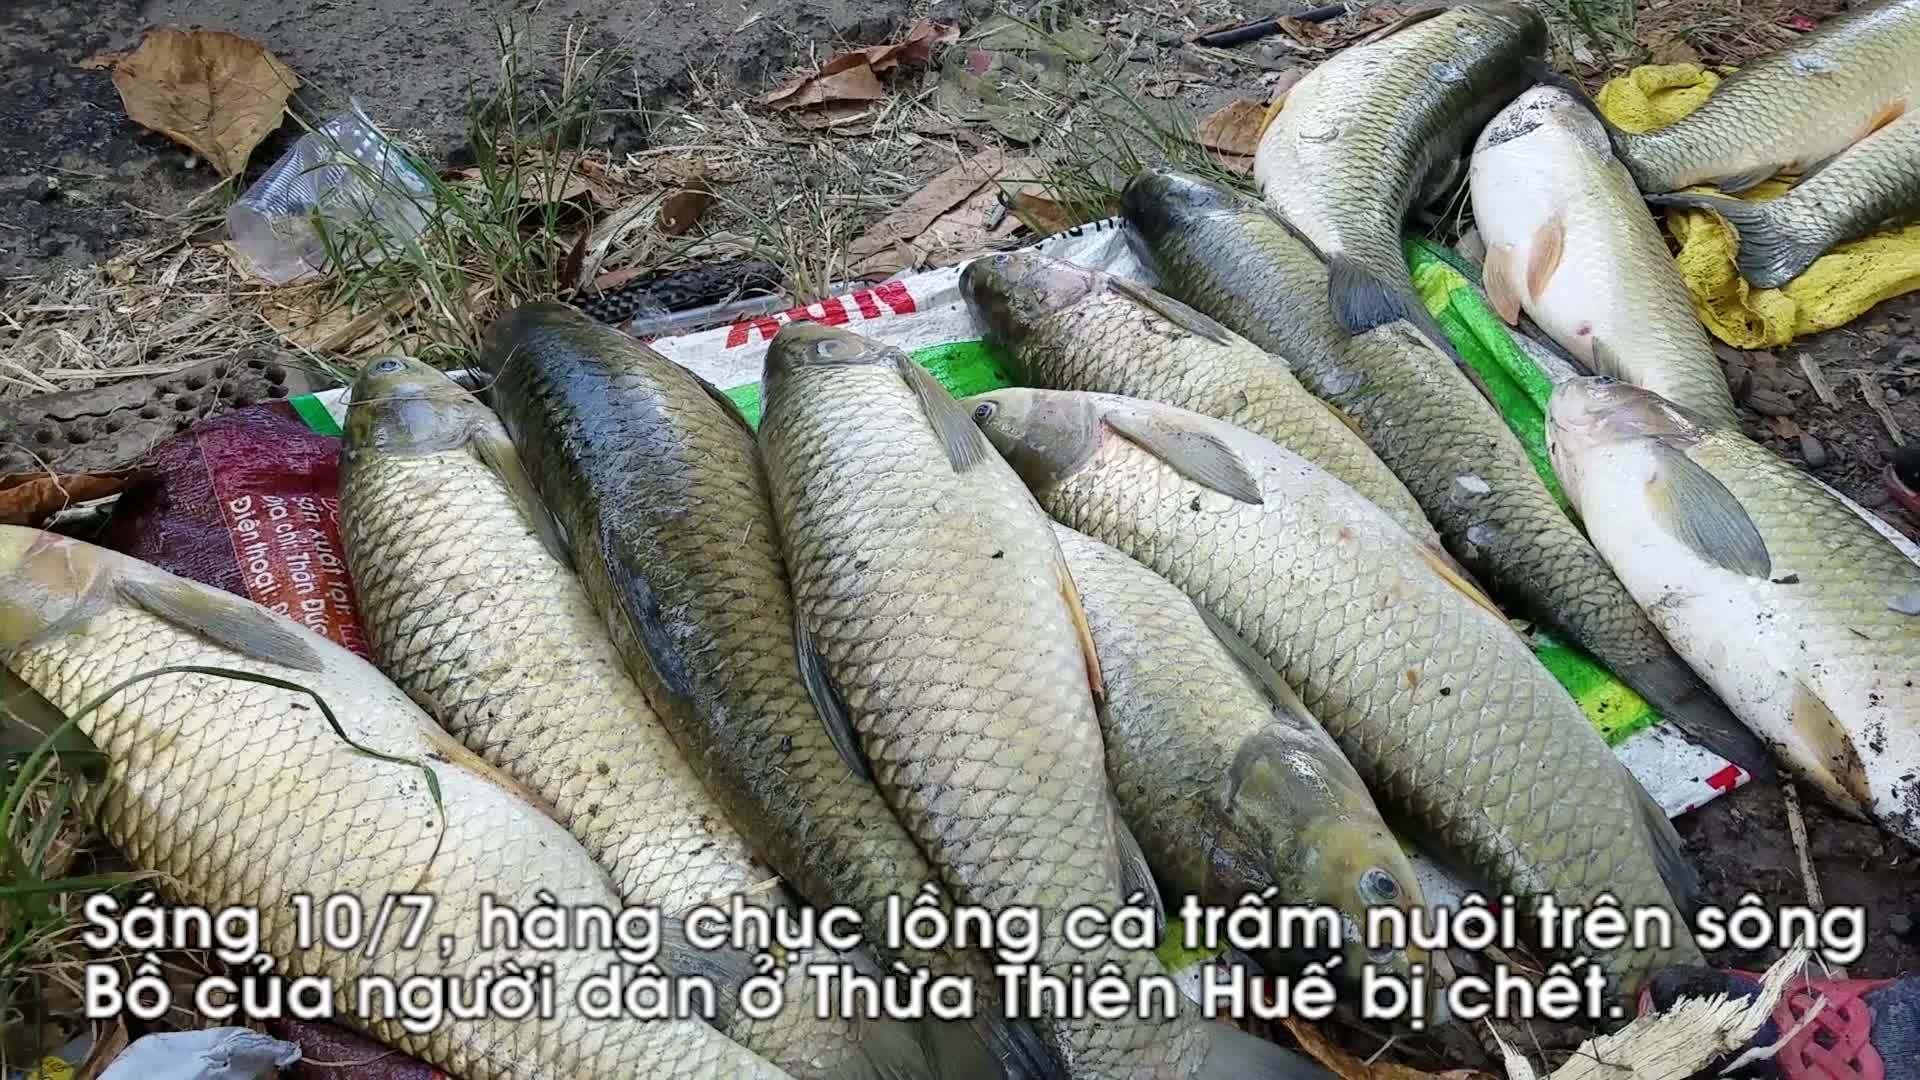 Hơn 154 tấn cá trắm nuôi lồng trên sông Bồ bị chết